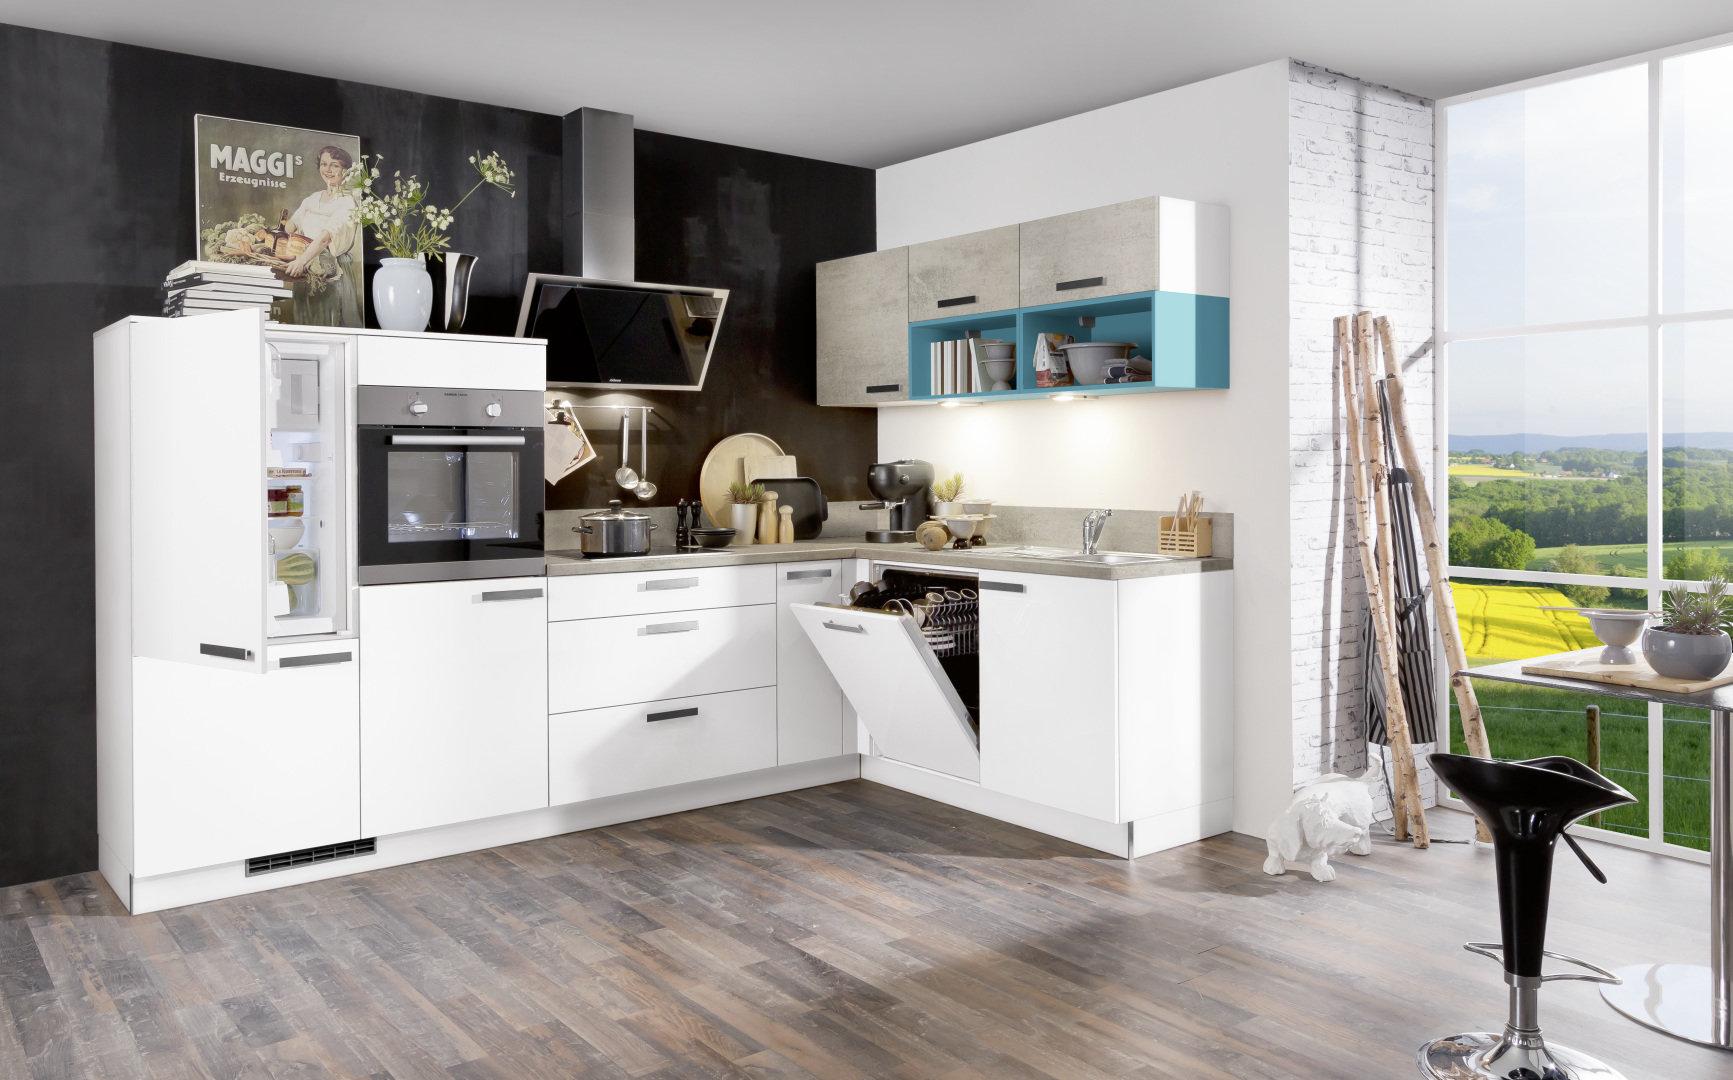 Full Size of Kleine Küche Einbauküche Kleine Einbauküche Roller Suche Kleine Einbauküche Kleine Einbauküche Ikea Küche Kleine Einbauküche